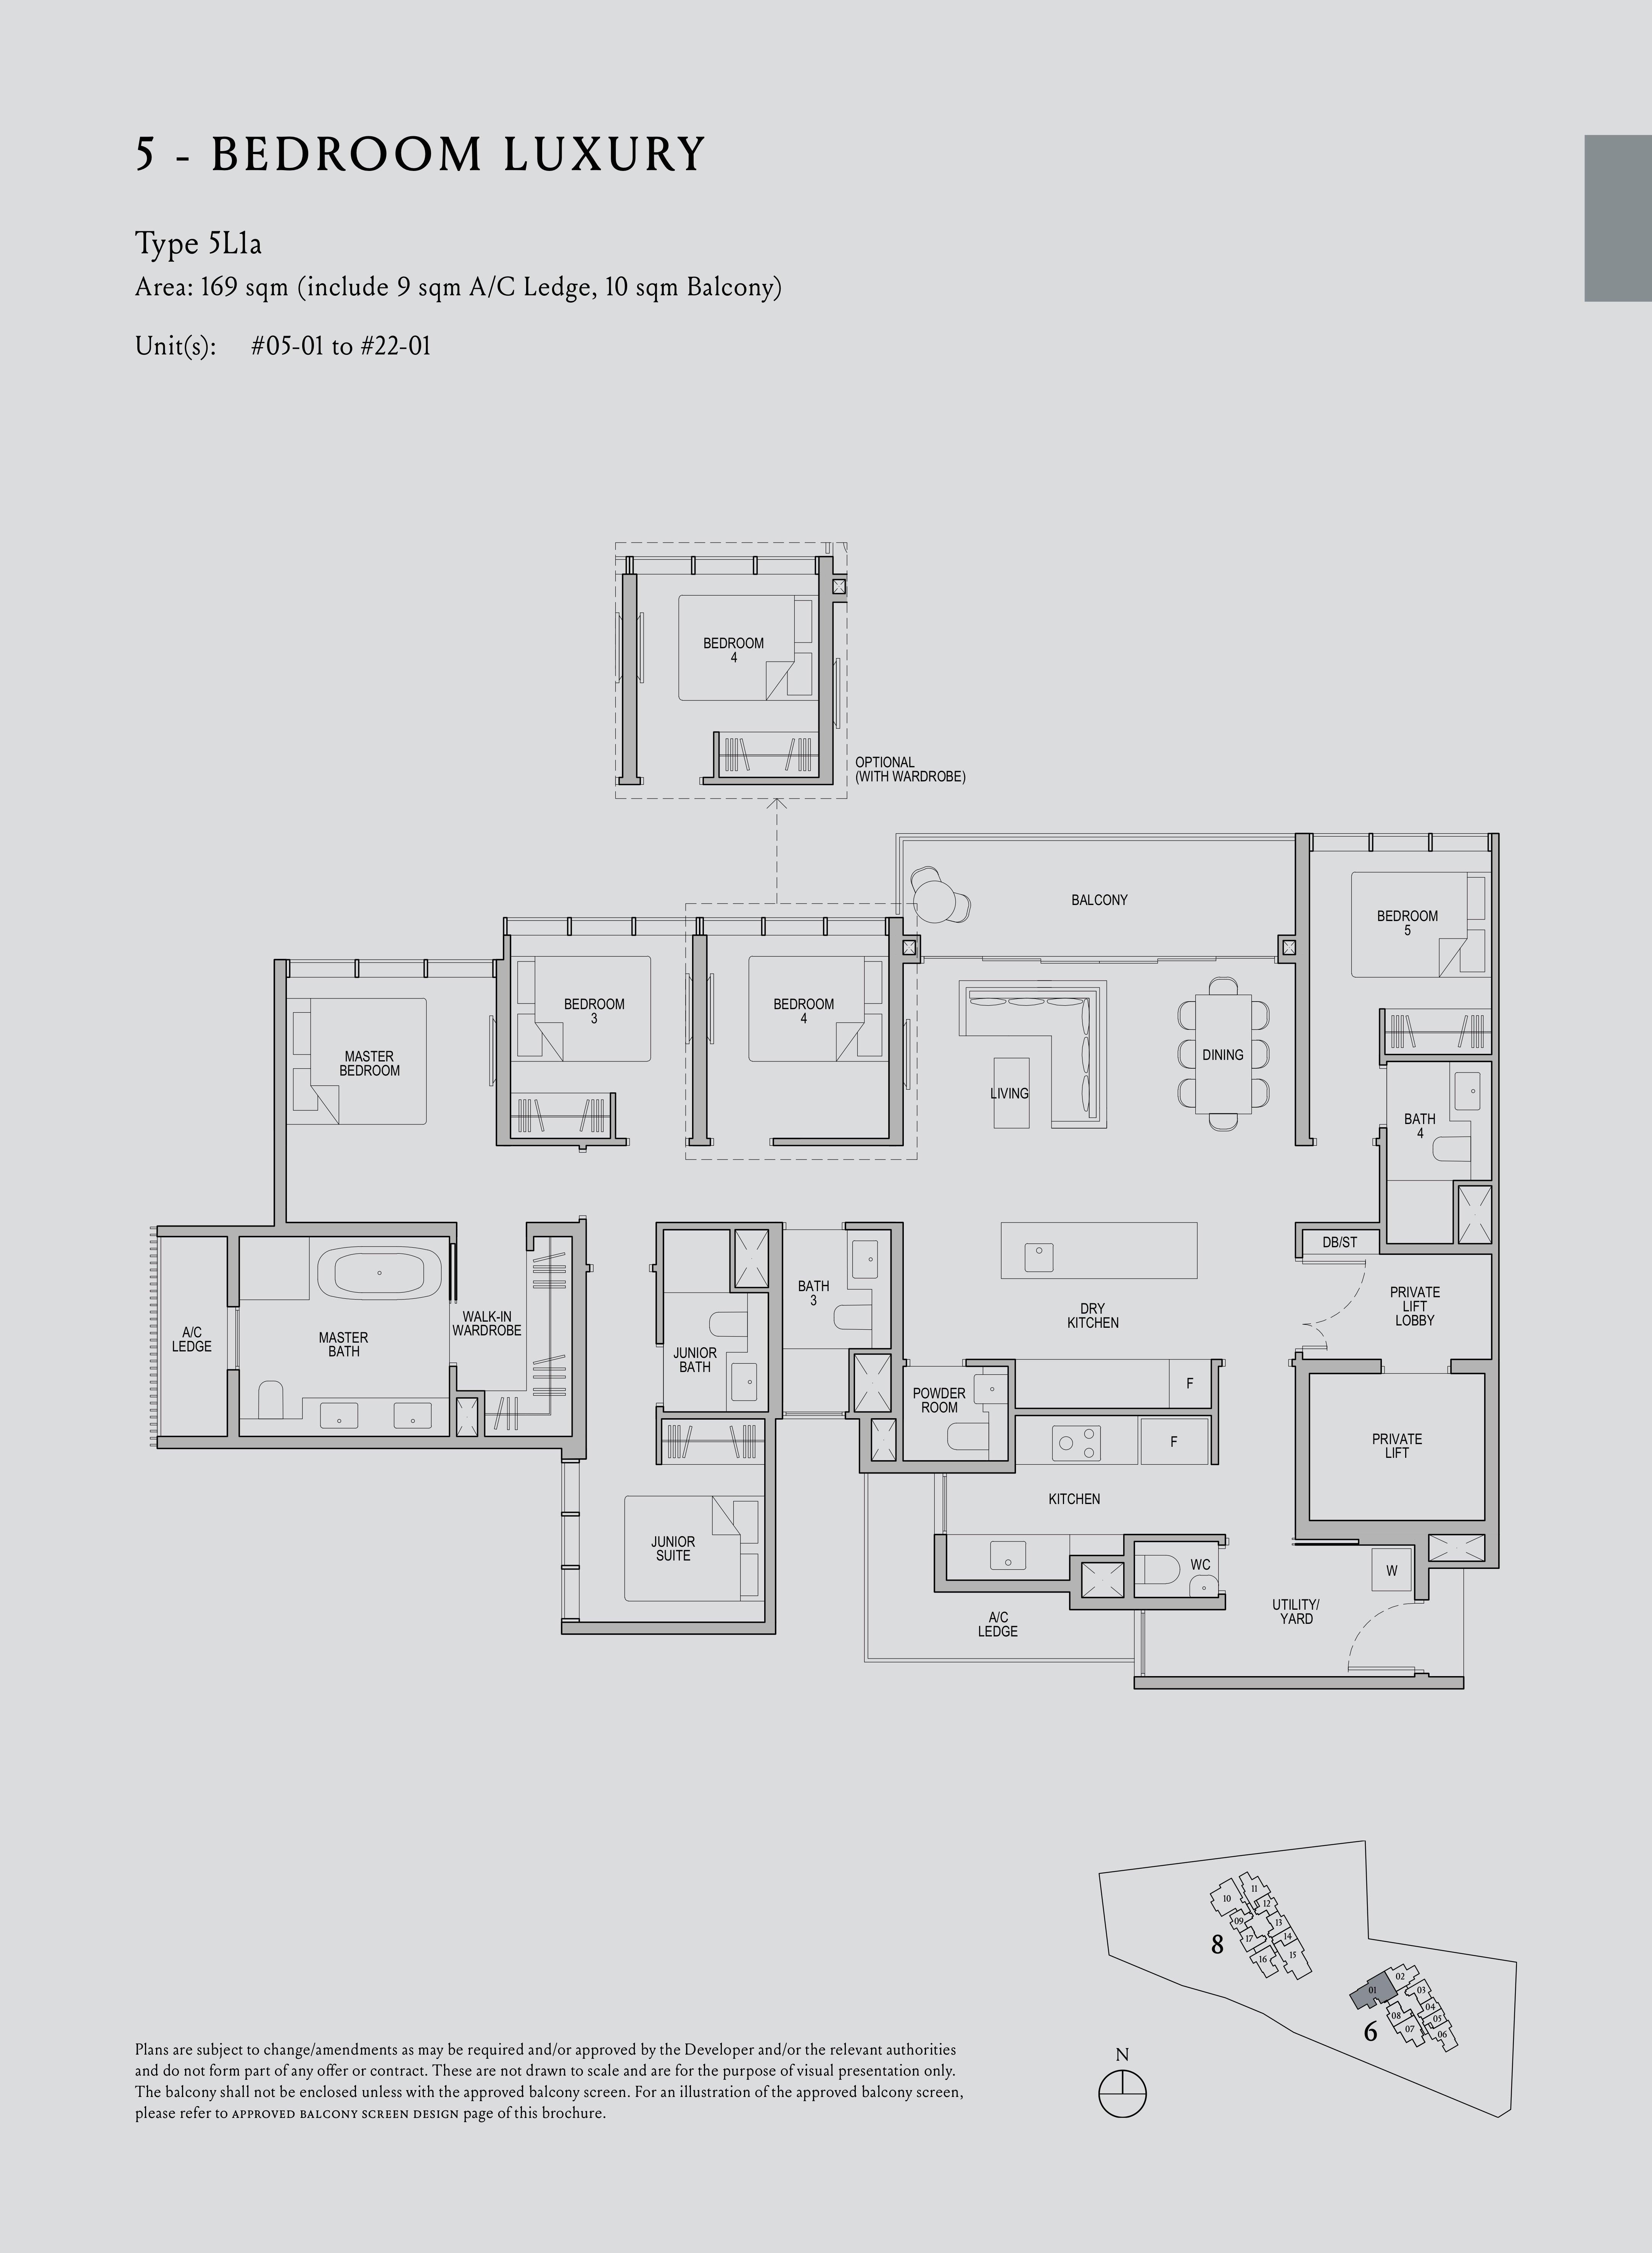 Kopar At Newton 纽顿铜源 5-bedroom deluxe 5L1a floor plan